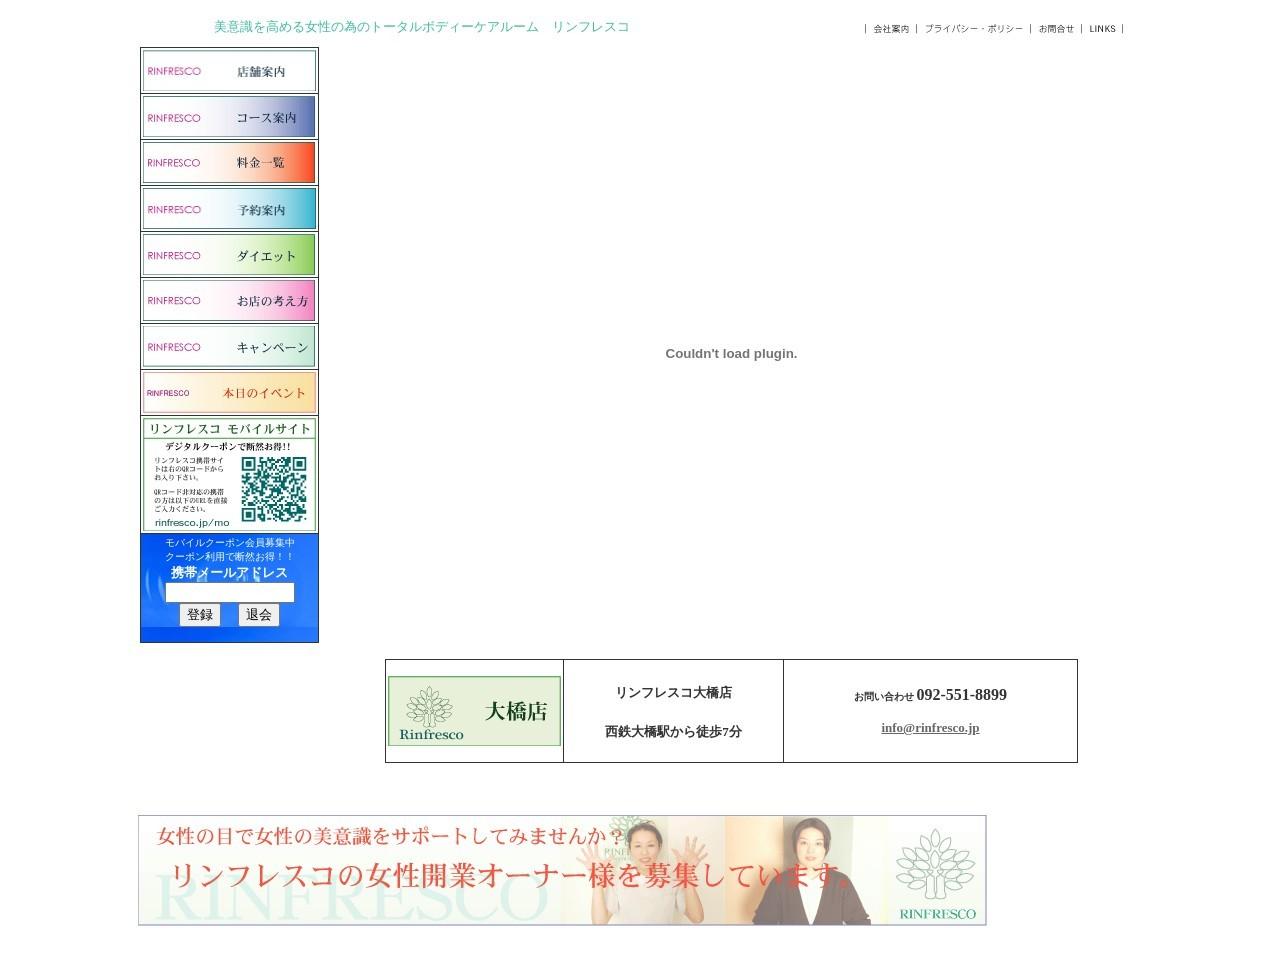 リンフレスコ福岡大橋店